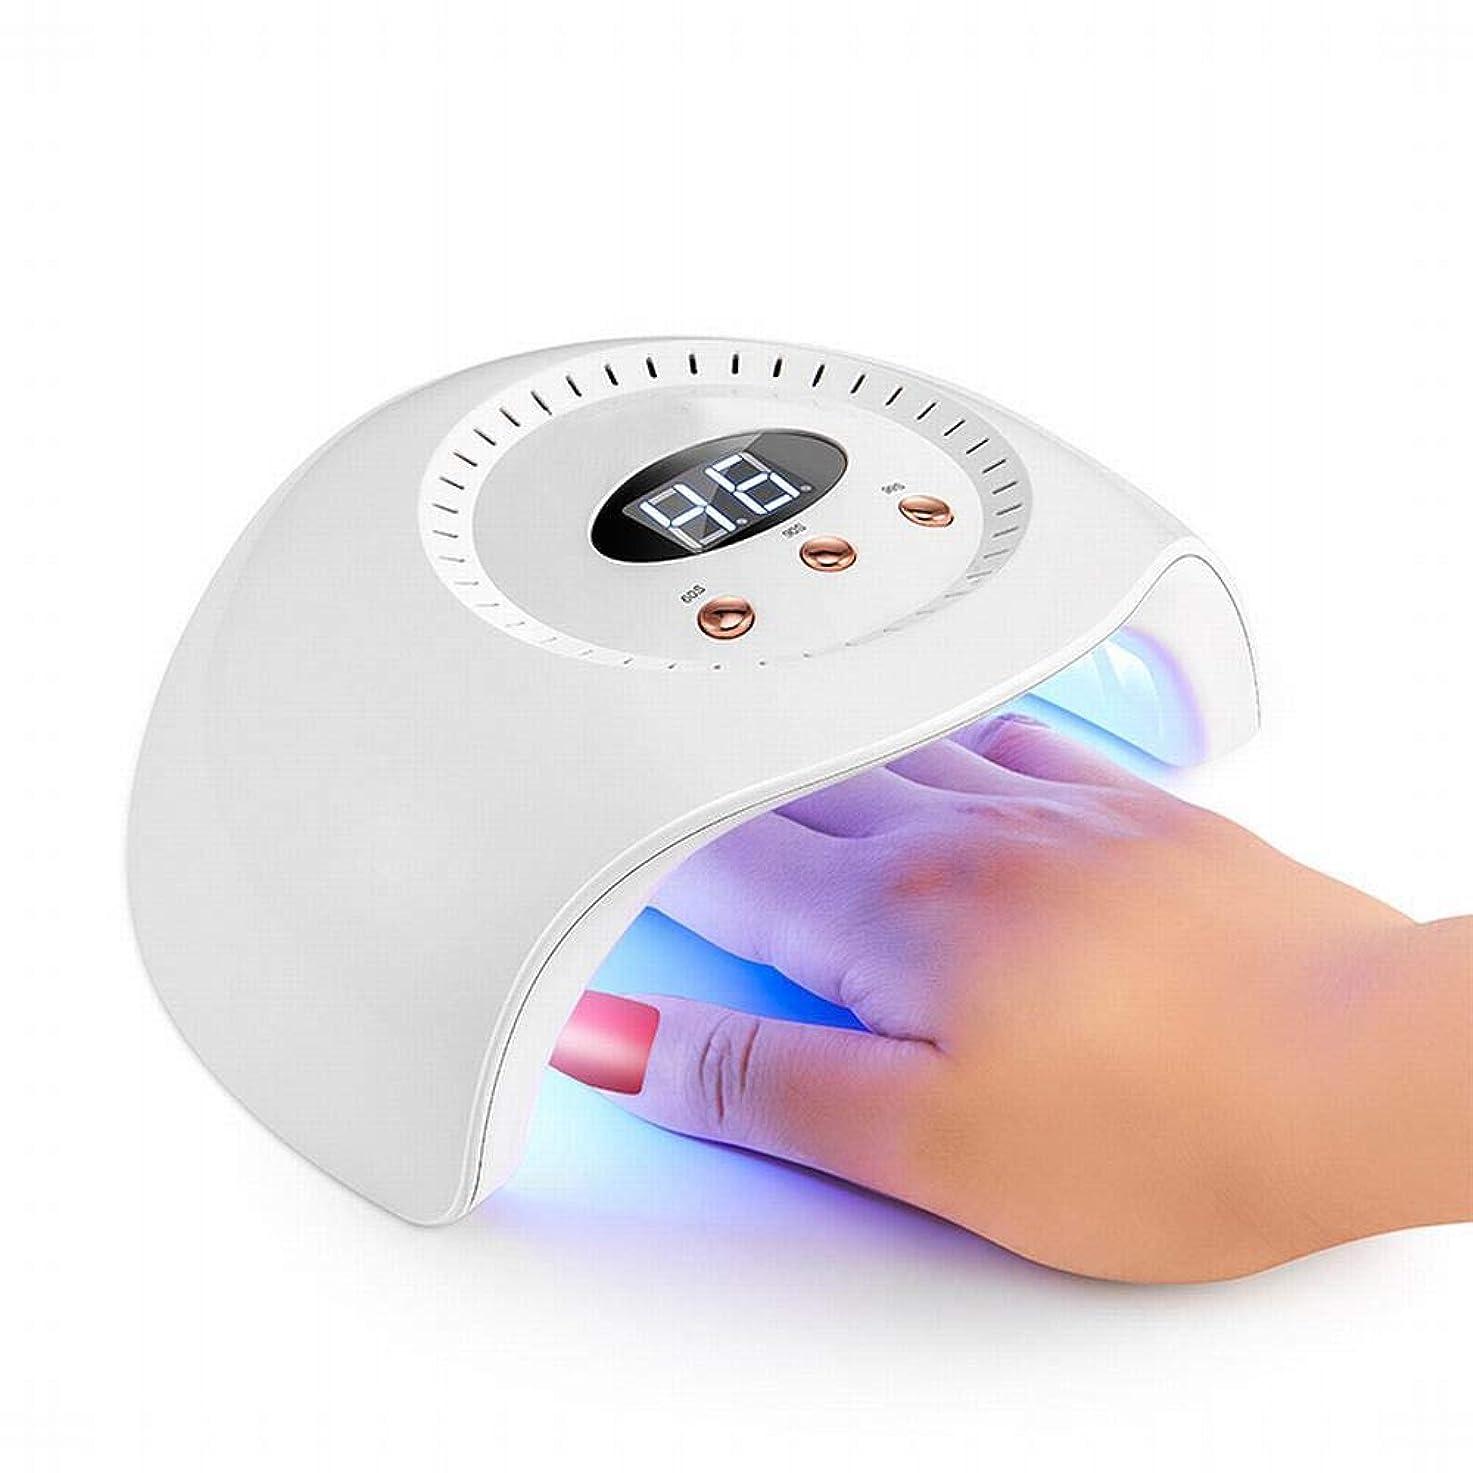 老朽化した担当者慎重YESONEEP ネイルランプ24ワットネイル光線療法ランプインテリジェント誘導ネイル機デュアル光源led光線療法ランプネイルスマート乾燥 (Size : 24W)